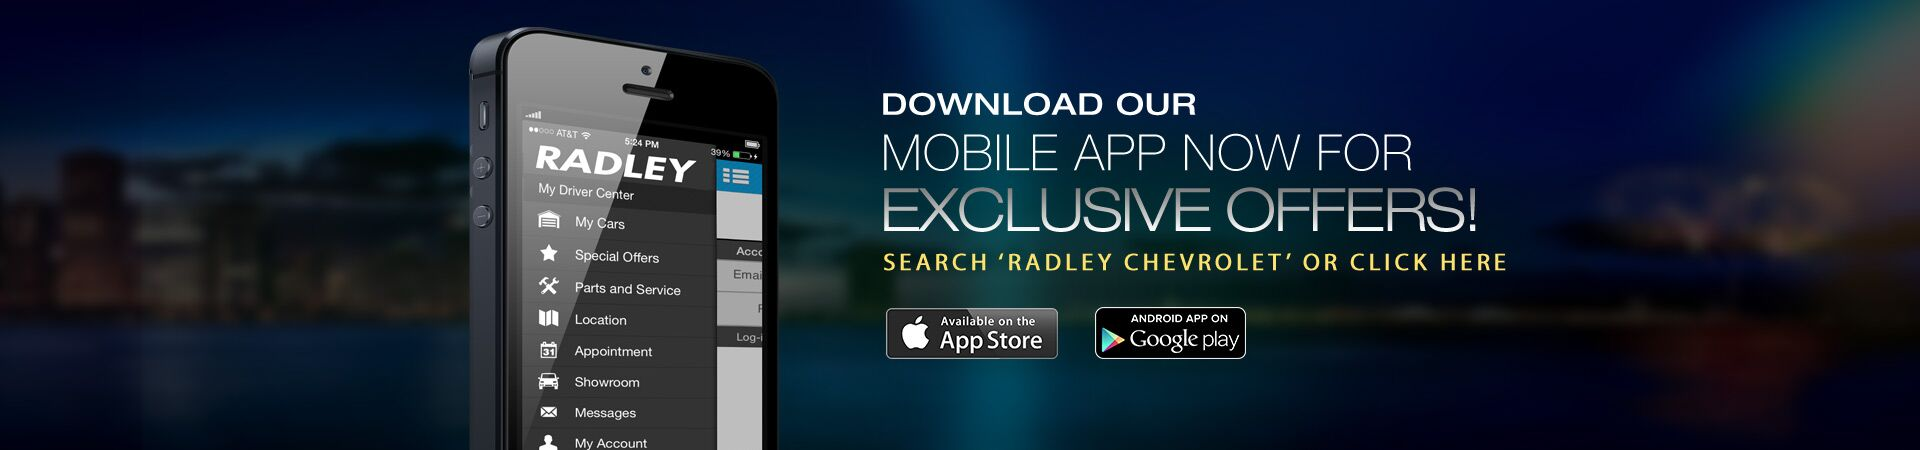 Radley Chevrolet Fredericksburg Va >> Radley Chevrolet Dealership Fredericksburg Virginia Chevrolet Dealer Radley Chevrolet serving ...